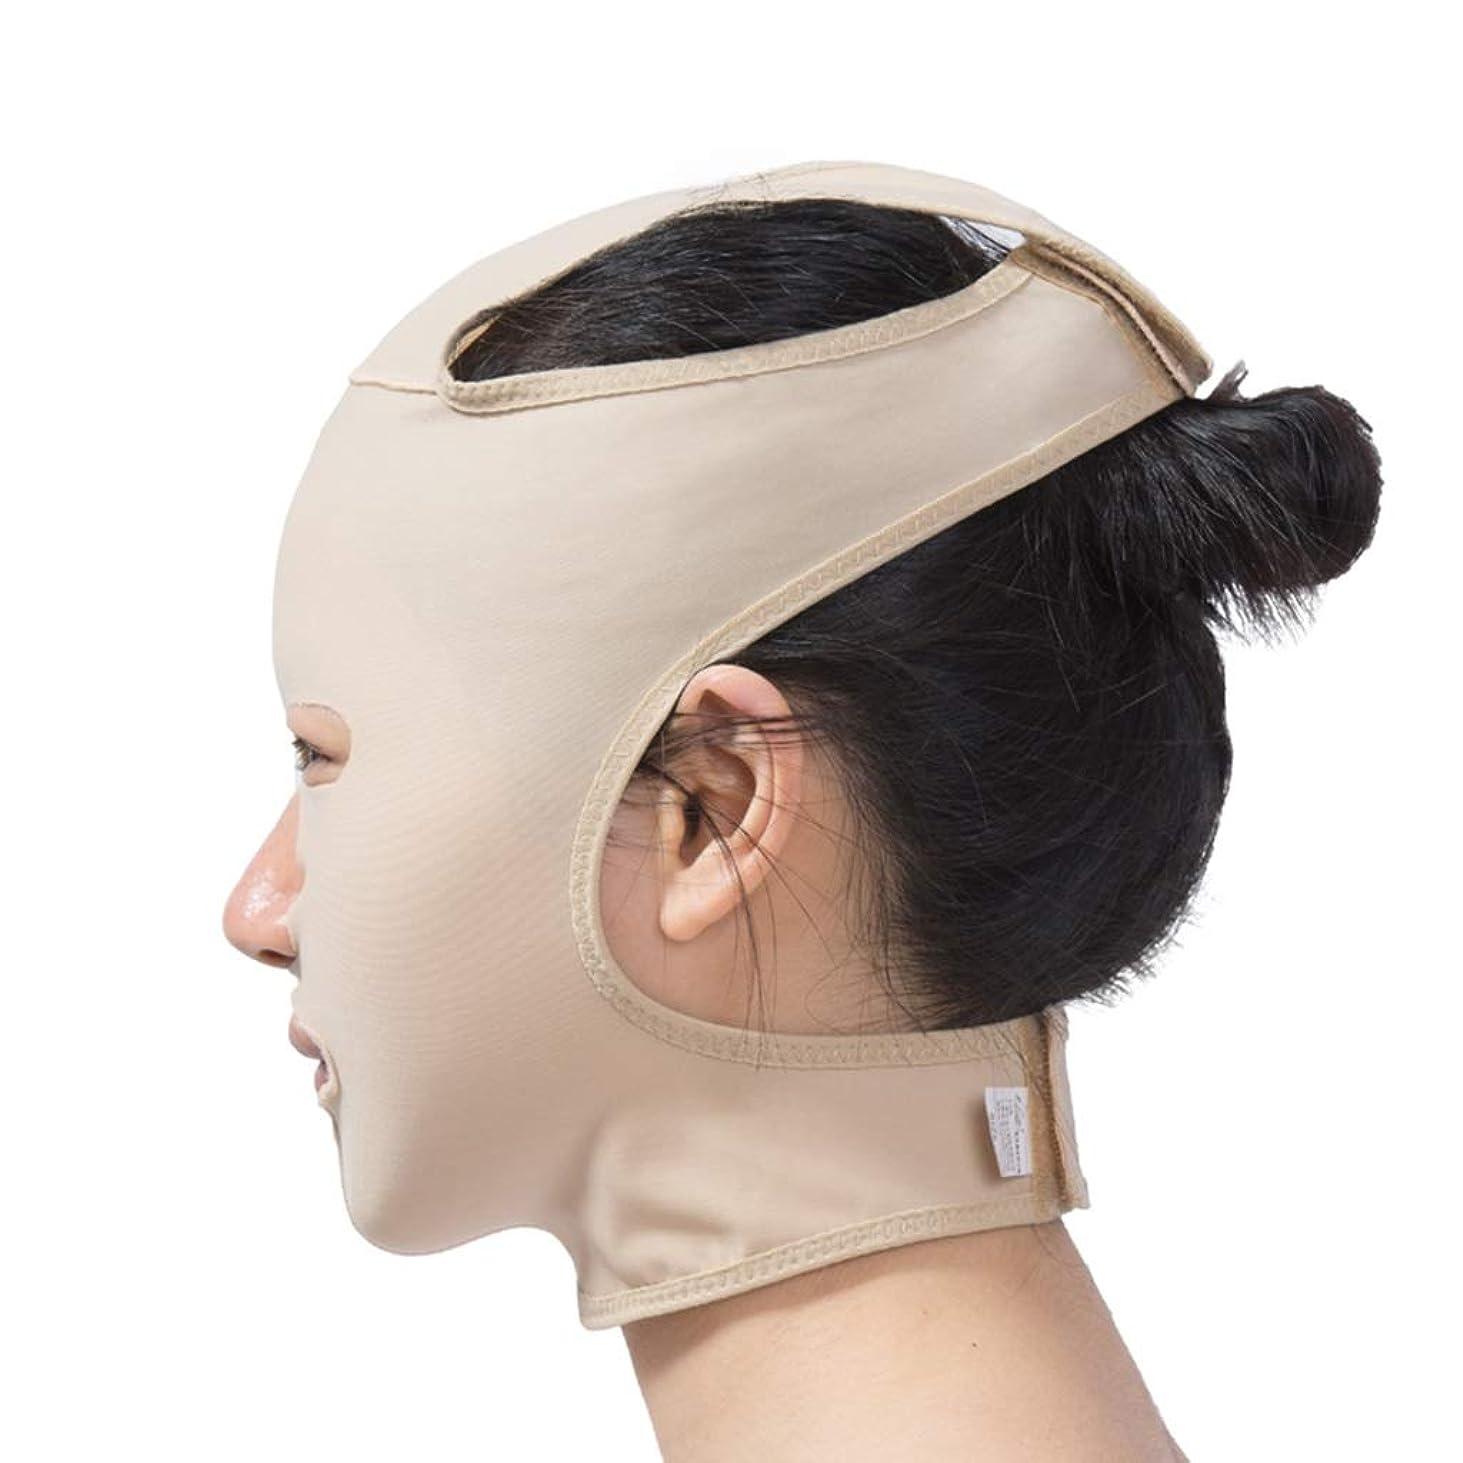 戦闘欺くバースXHLMRMJ フェイスリフトマスク、フルフェイスマスク医療グレード圧力フェイスダブルチンプラスチック脂肪吸引術弾性包帯ヘッドギア後の顔の脂肪吸引術 (Size : XL)